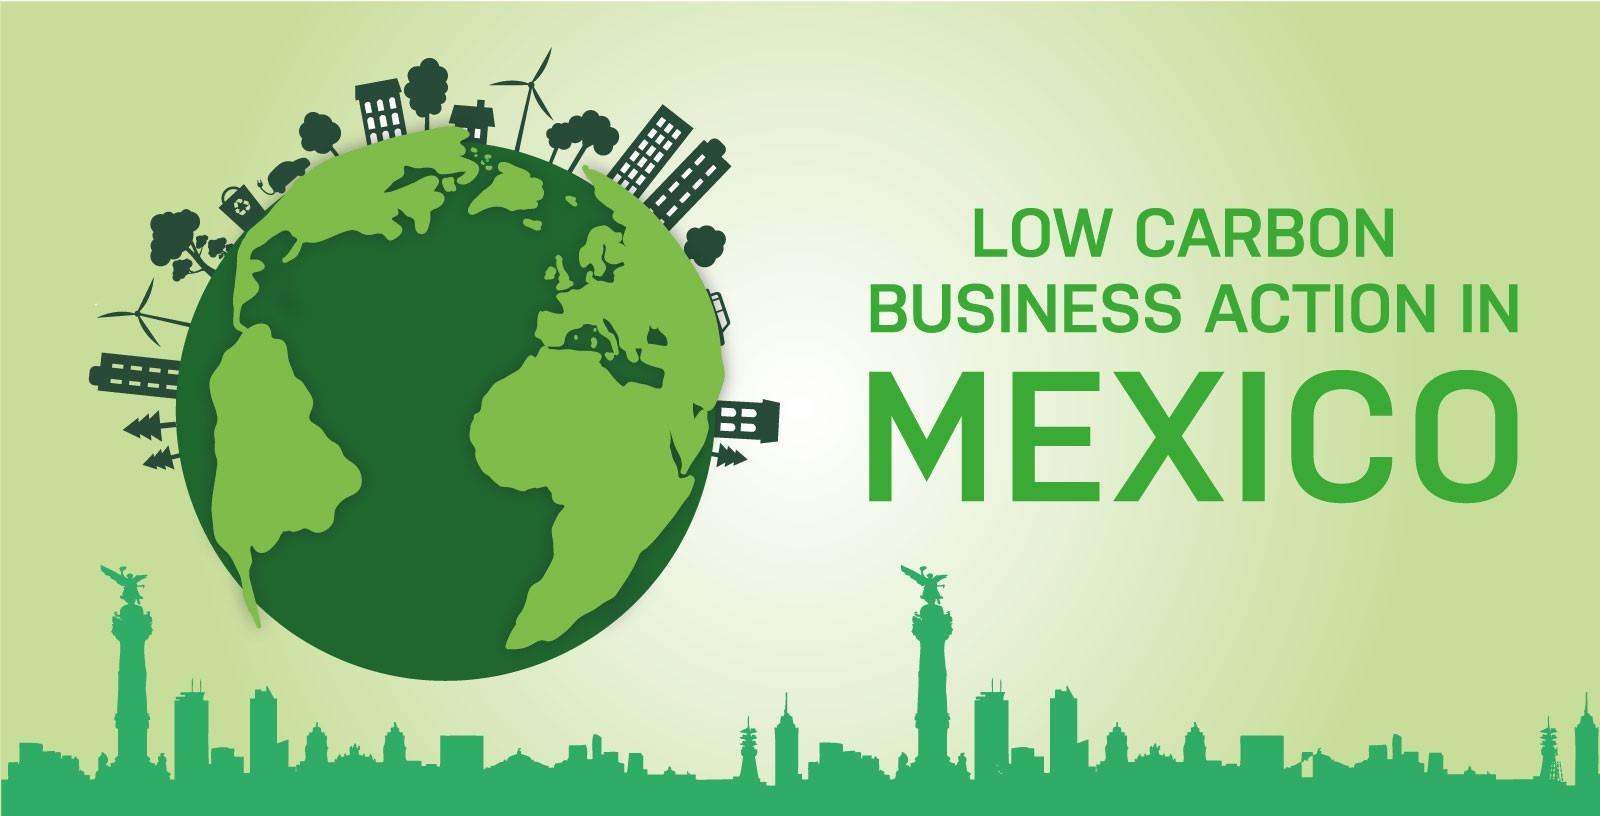 LowCarbonMexico_IDOM_Consultoria_Propiedad